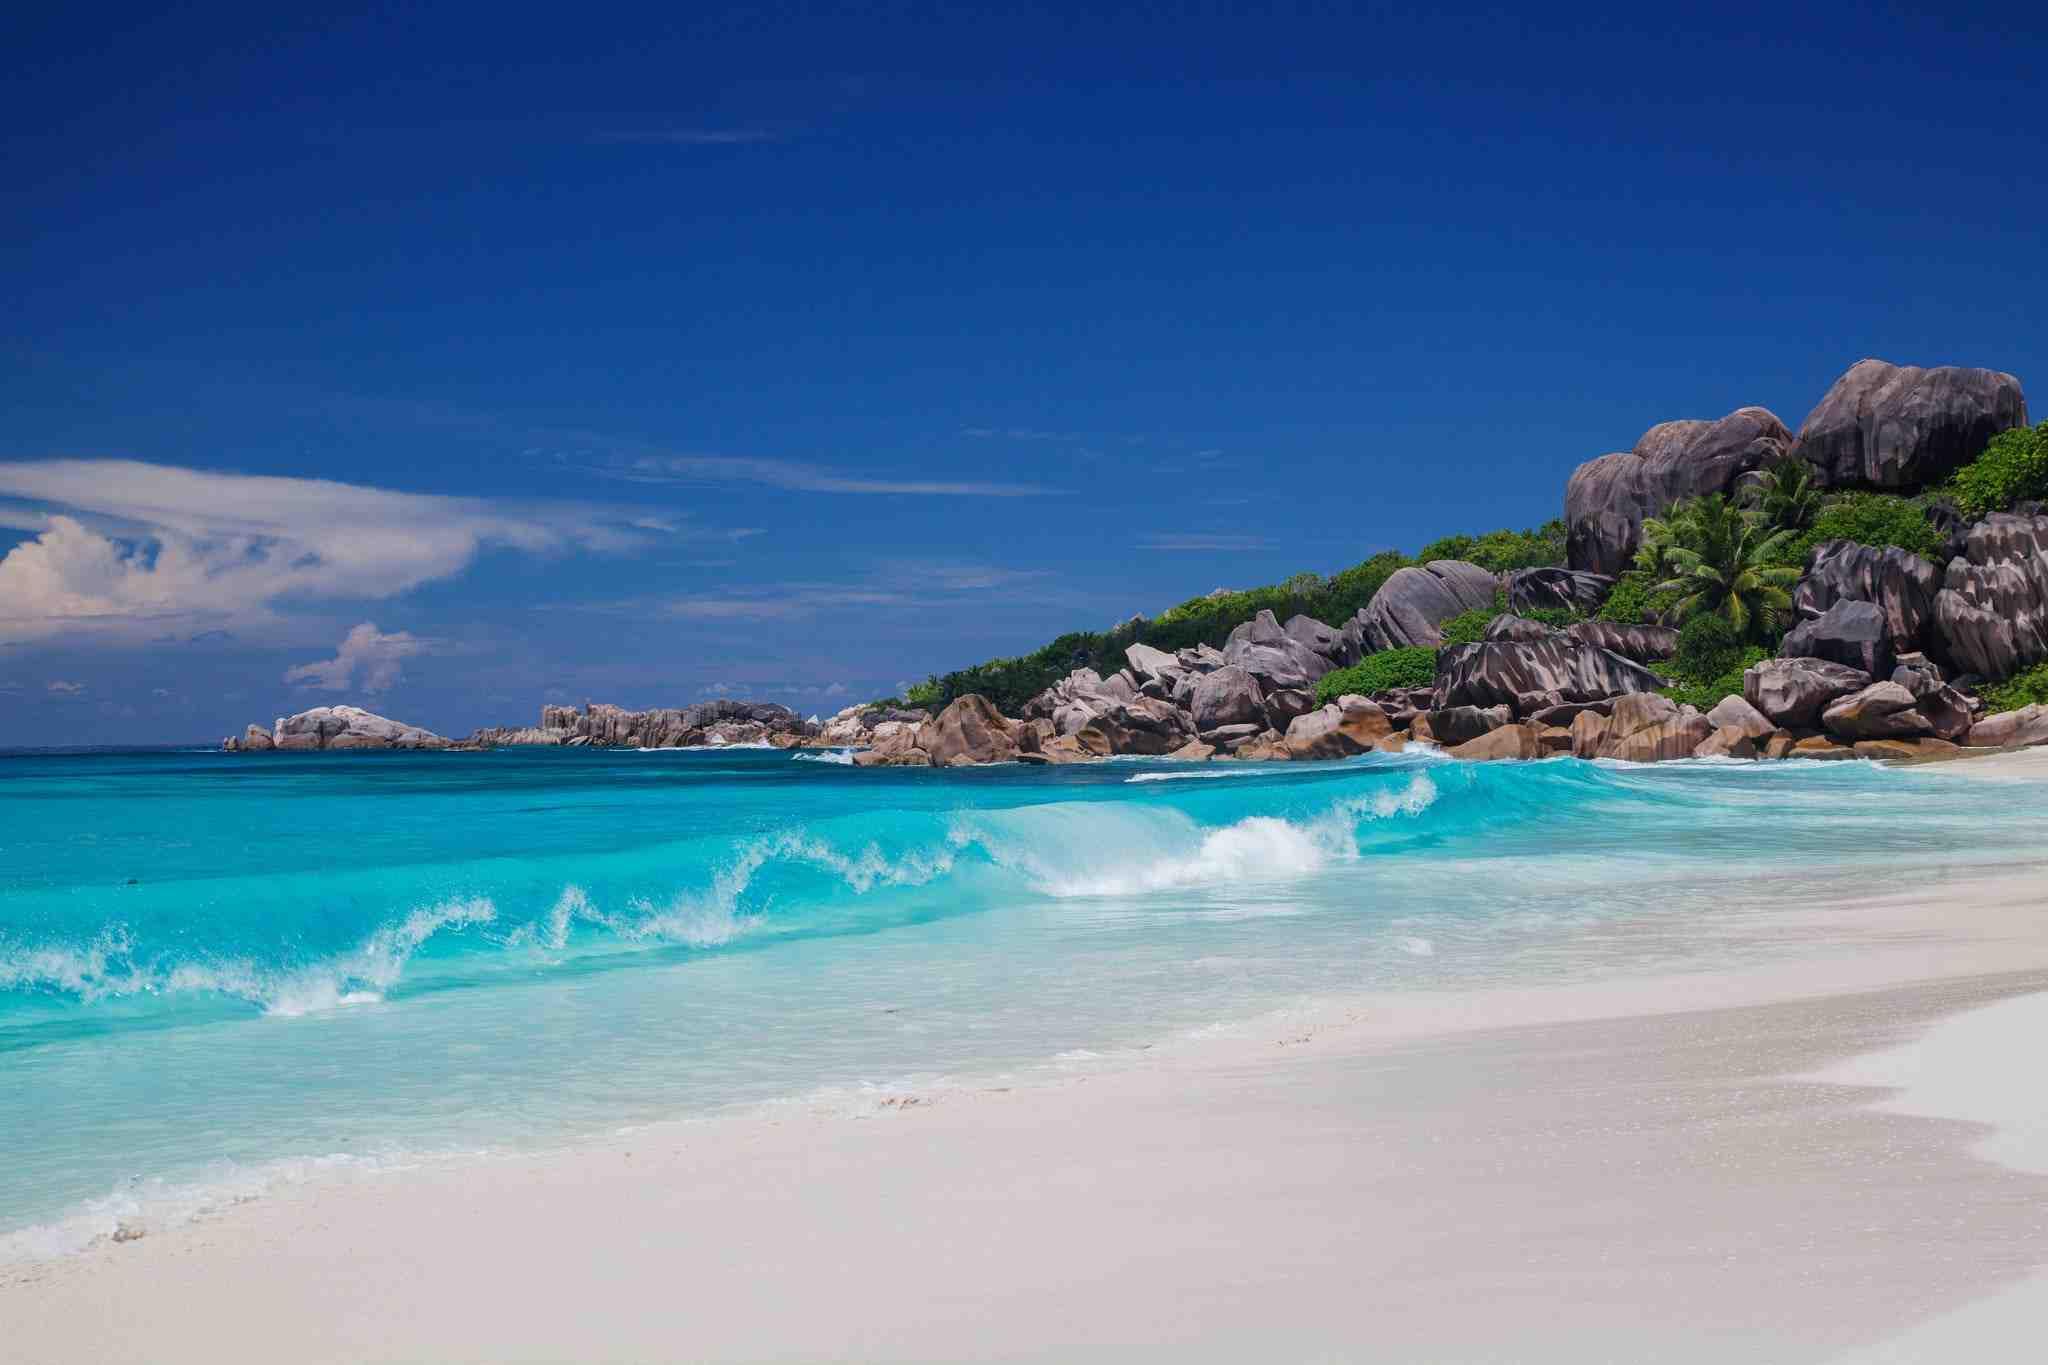 Quelle est la plus belle île des Caraïbes?